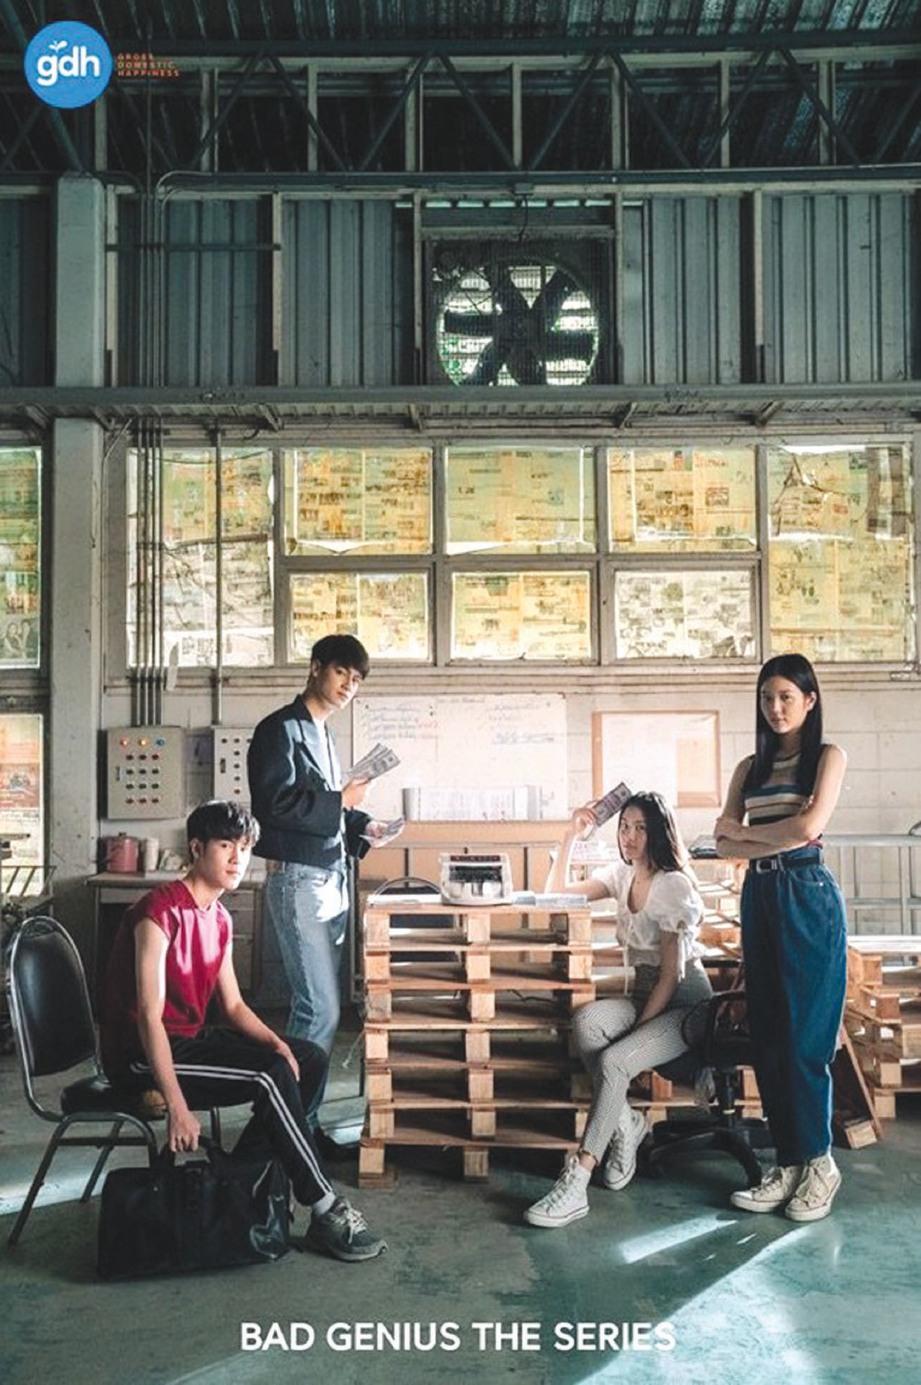 FILEM genre suspen dari Thailand, Bad Genius kini diadaptasi ke drama bersiri di platform digital sejak 3 Ogos